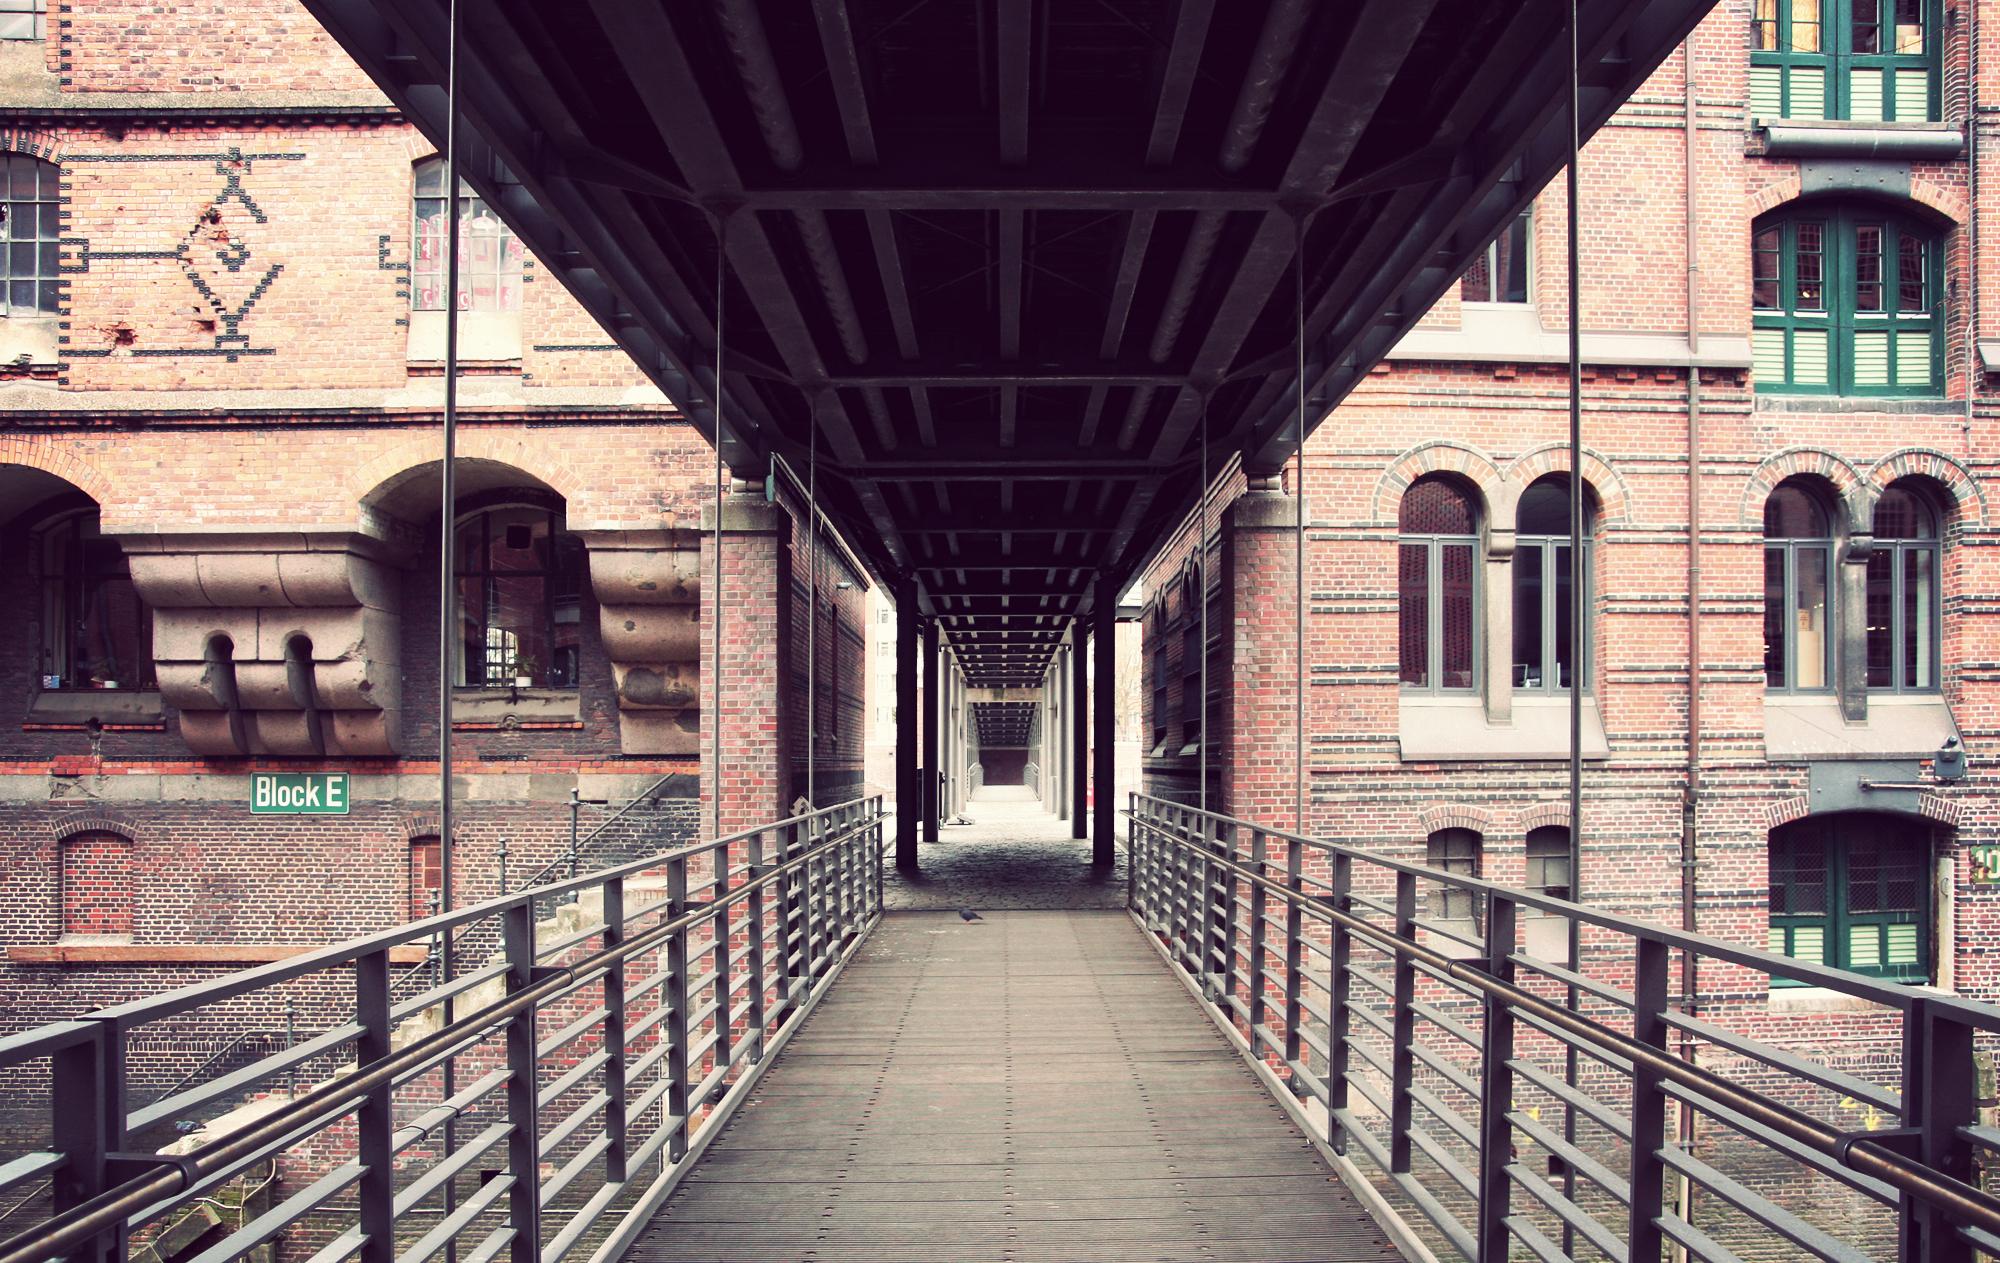 HAM_Speicherstadt_02.jpg